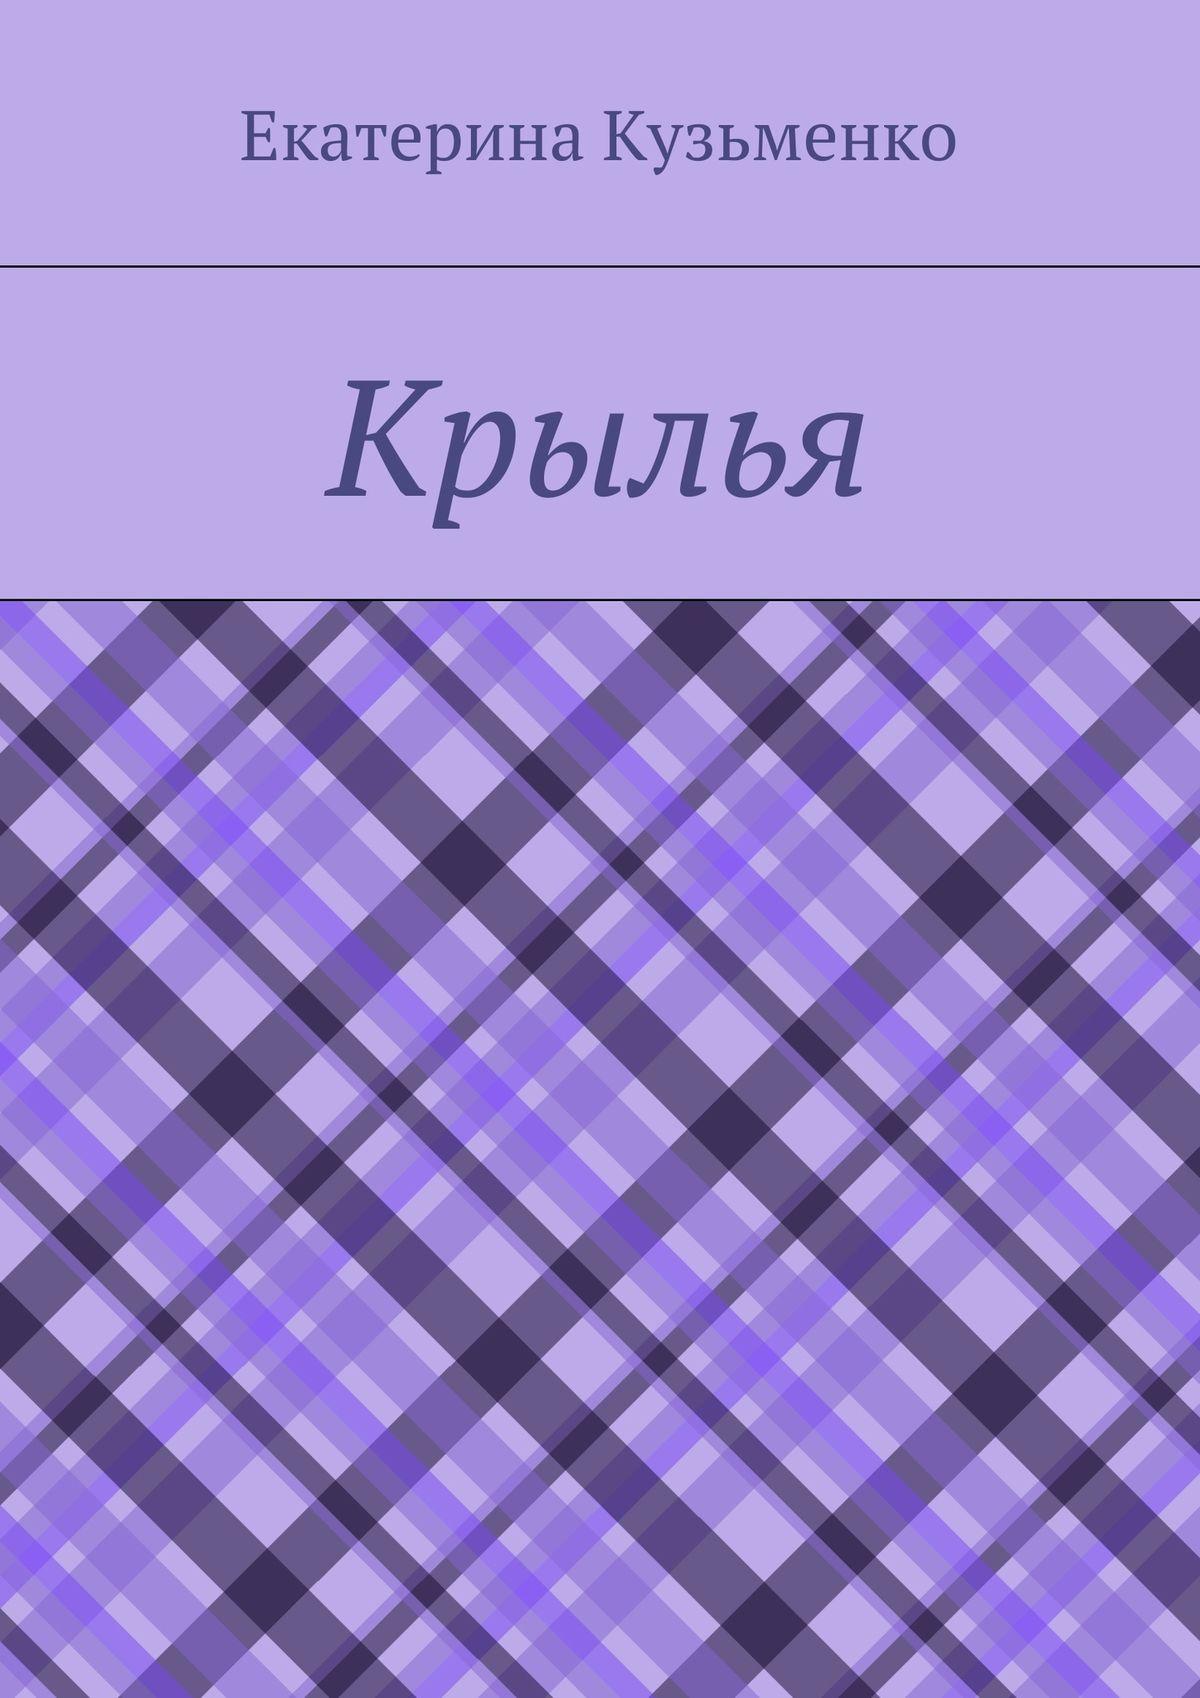 Екатерина Андреевна Кузьменко Крылья екатерина андреевна кузьменко крылья